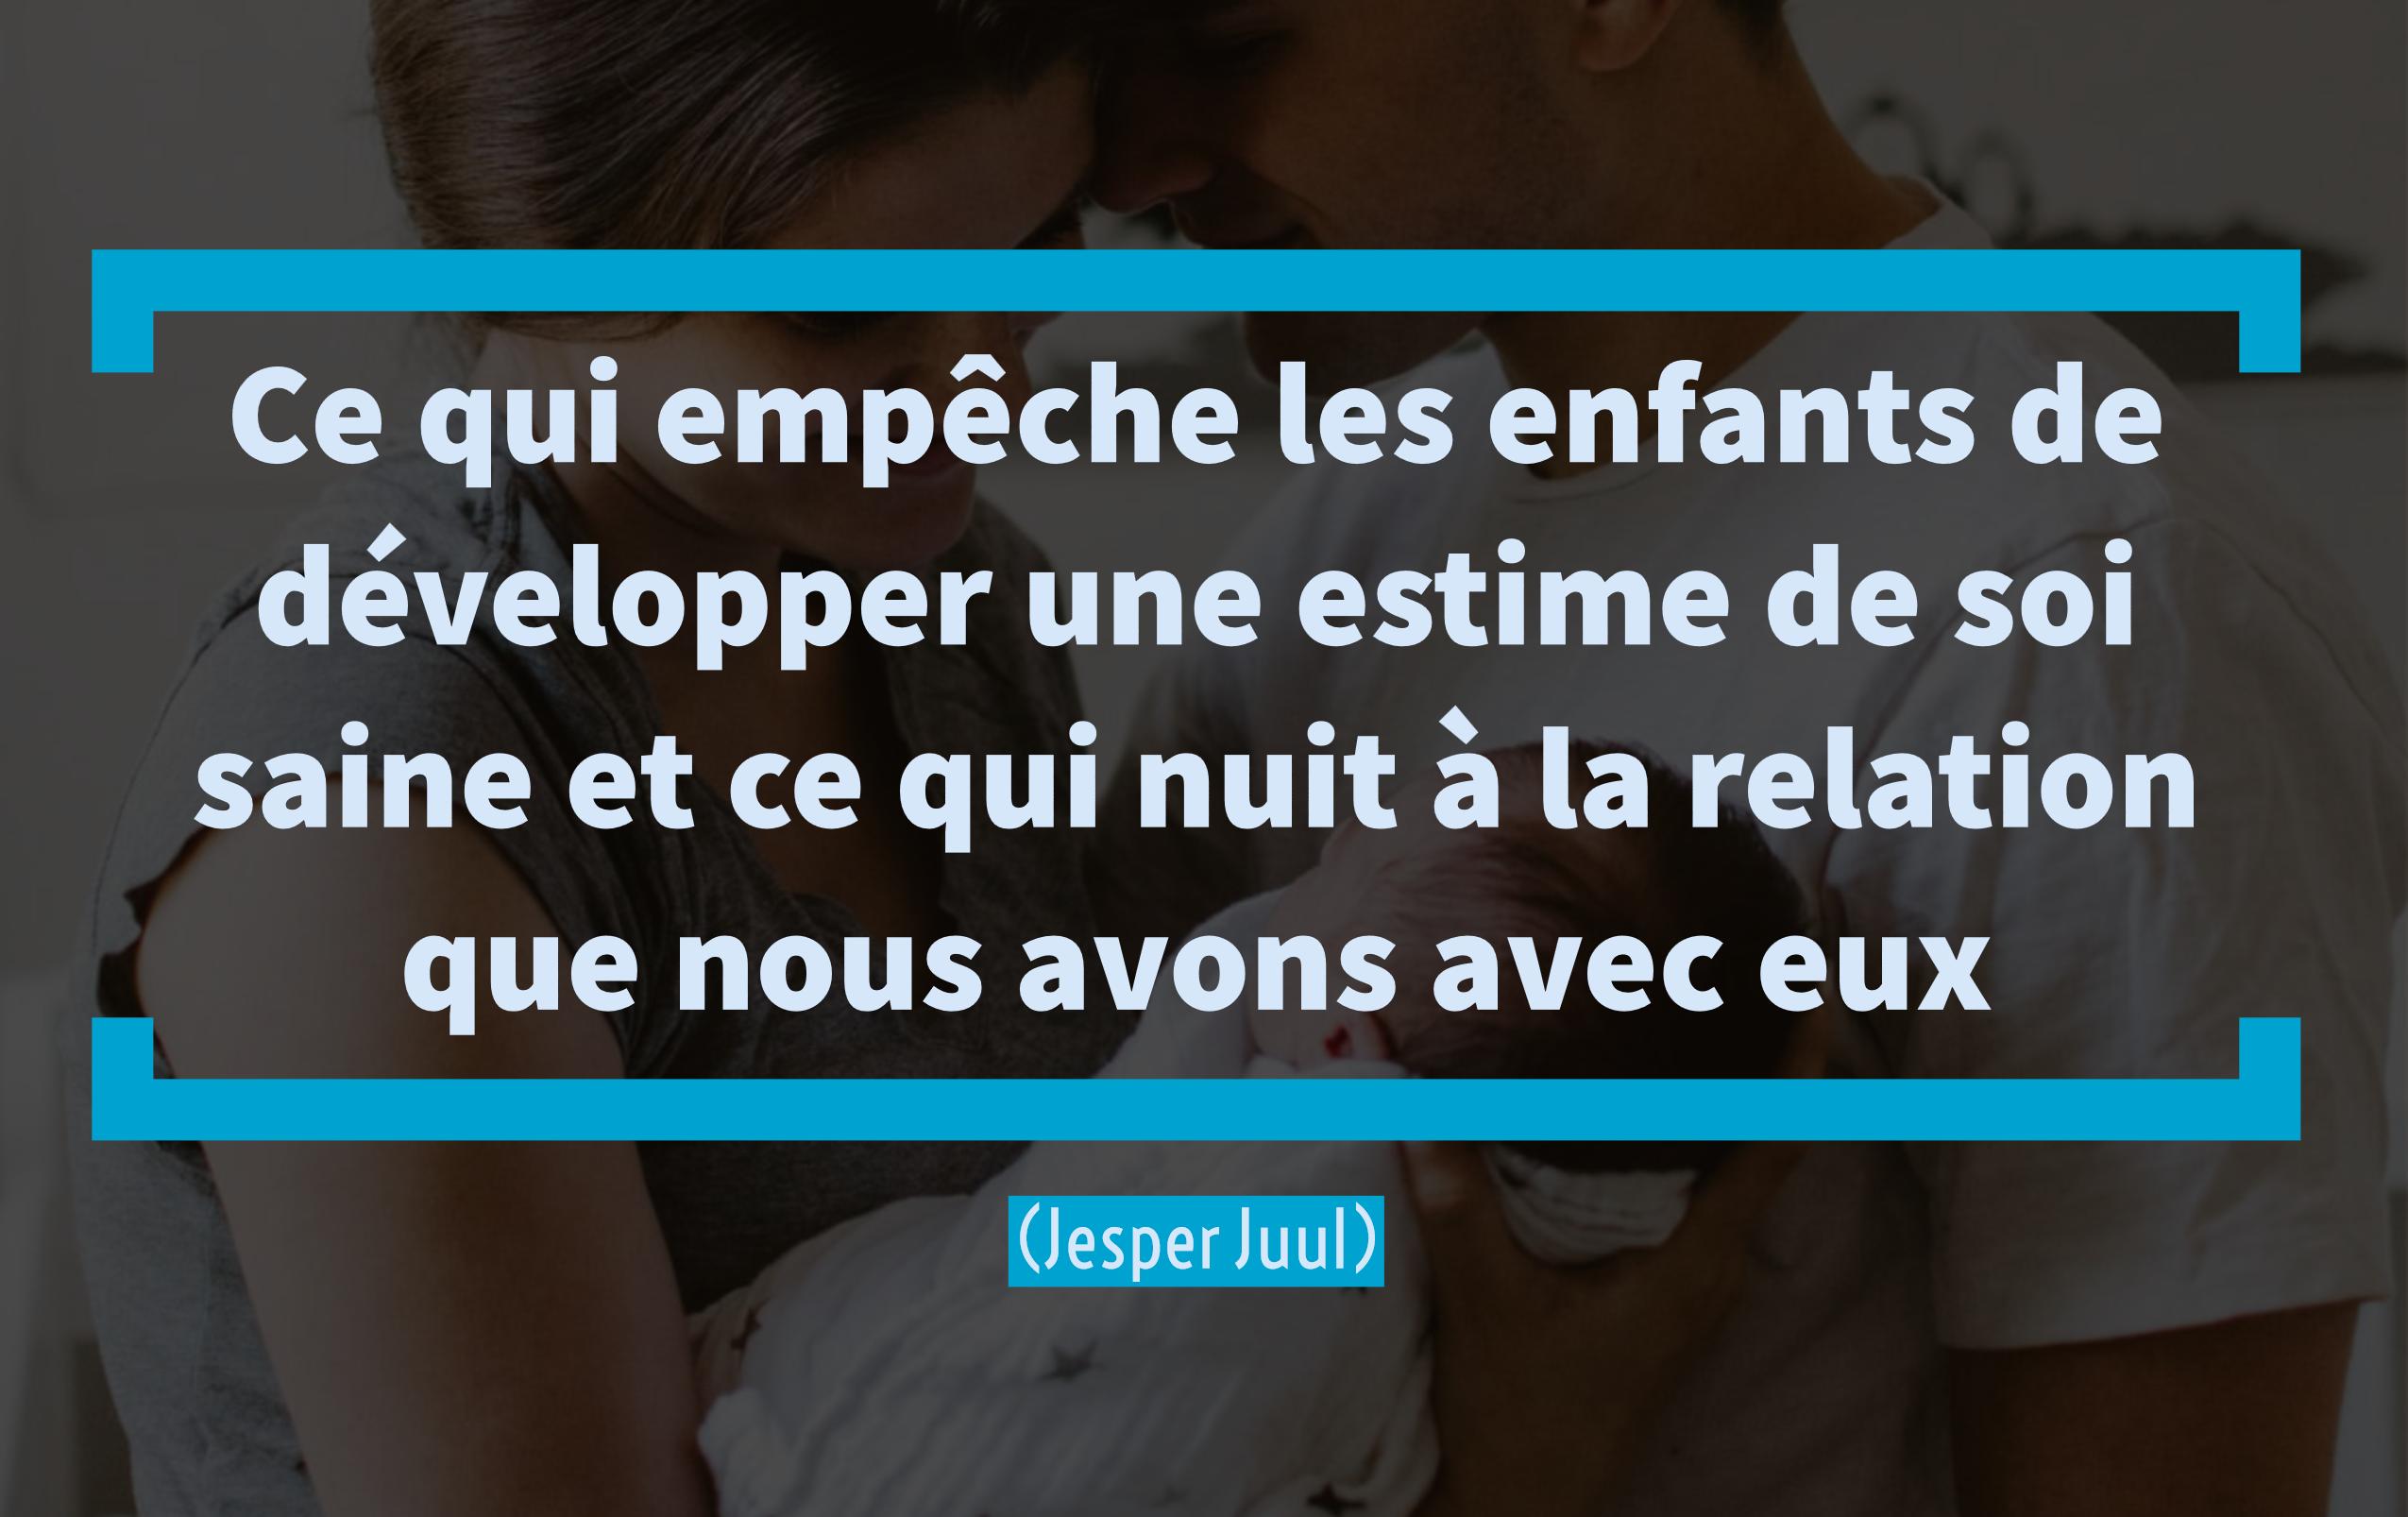 Ce qui empêche les enfants de développer une estime de soi saine et ce qui nuit à la relation que nous avons avec eux (Jesper Juul)